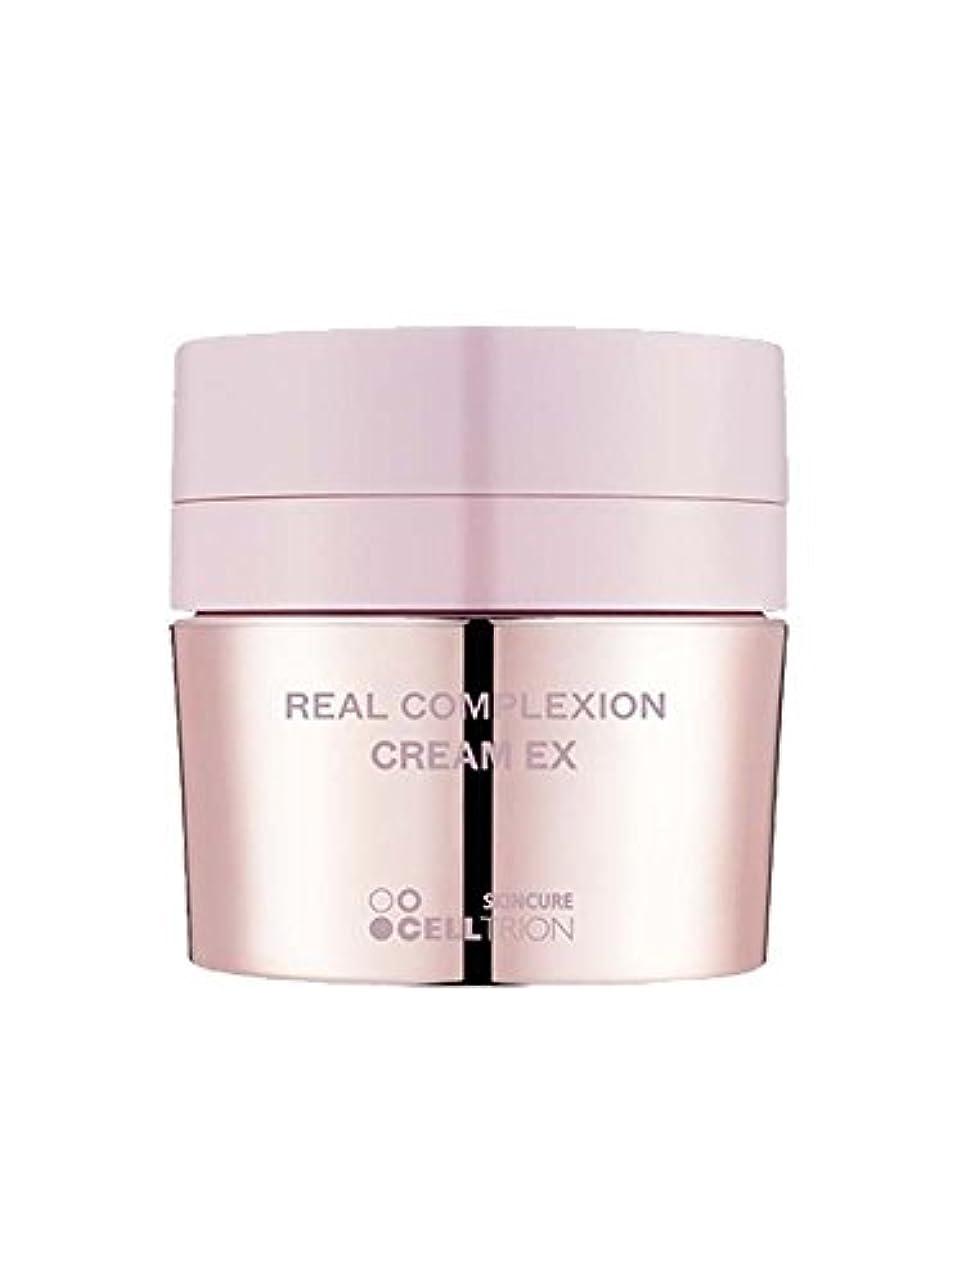 茎興奮するブッシュHANSKIN Real Complexion cream EX 50ml/ハンスキン リアル コンプレクション クリーム EX 50ml [並行輸入品]